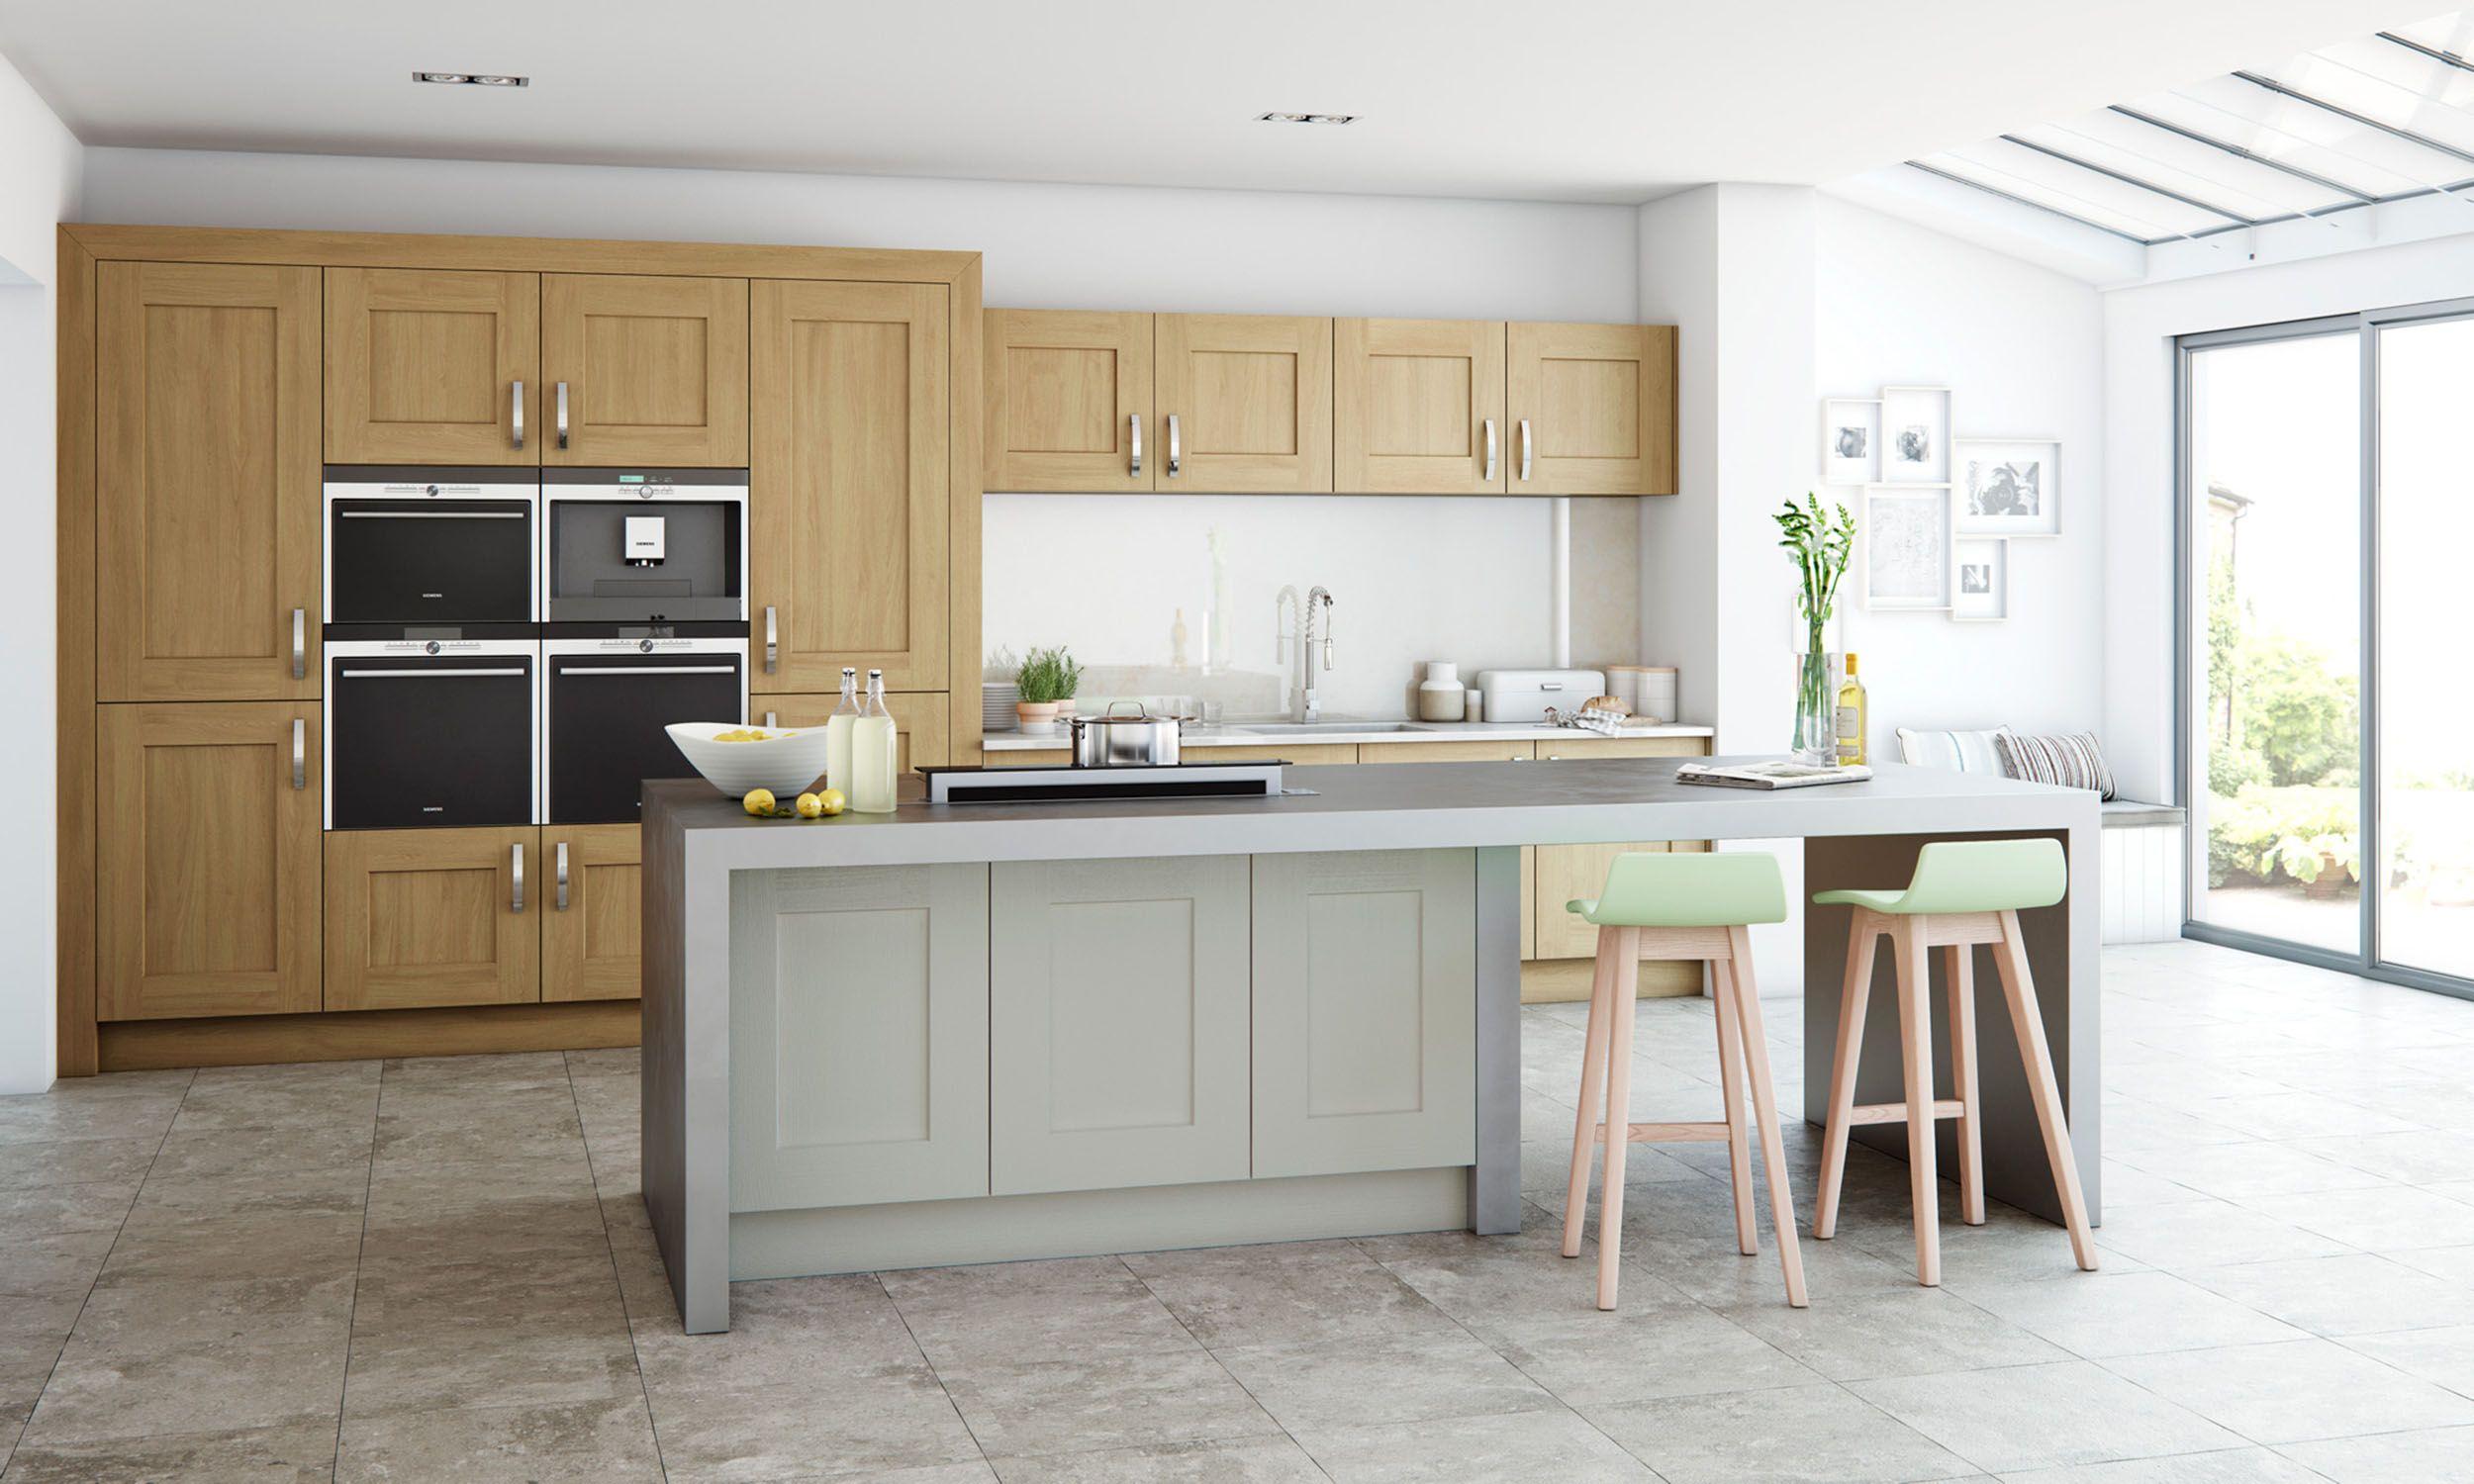 Clonmel Fully Fitted Kitchen Kitchen design, Modern